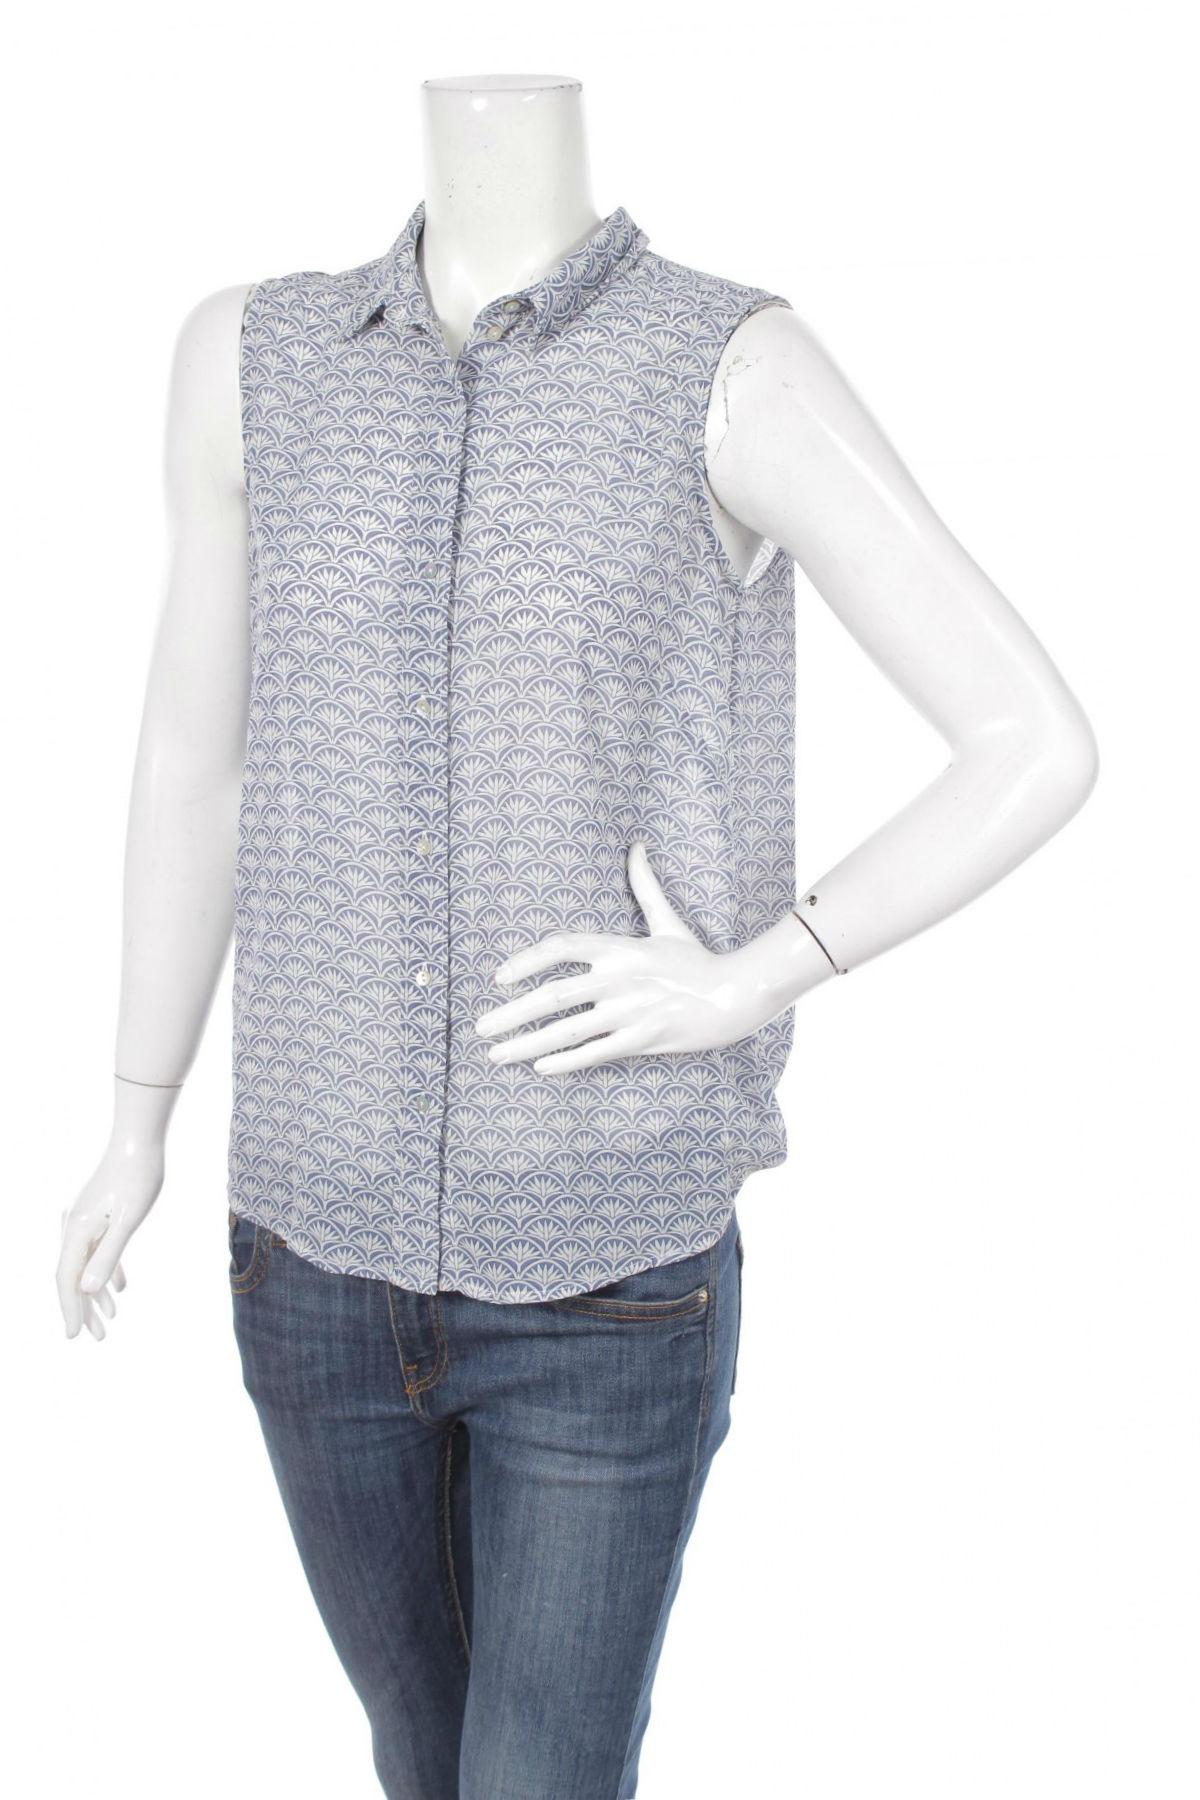 Γυναικείο πουκάμισο H&M, Μέγεθος M, Χρώμα Μπλέ, 100% πολυεστέρας, Τιμή 11,13€